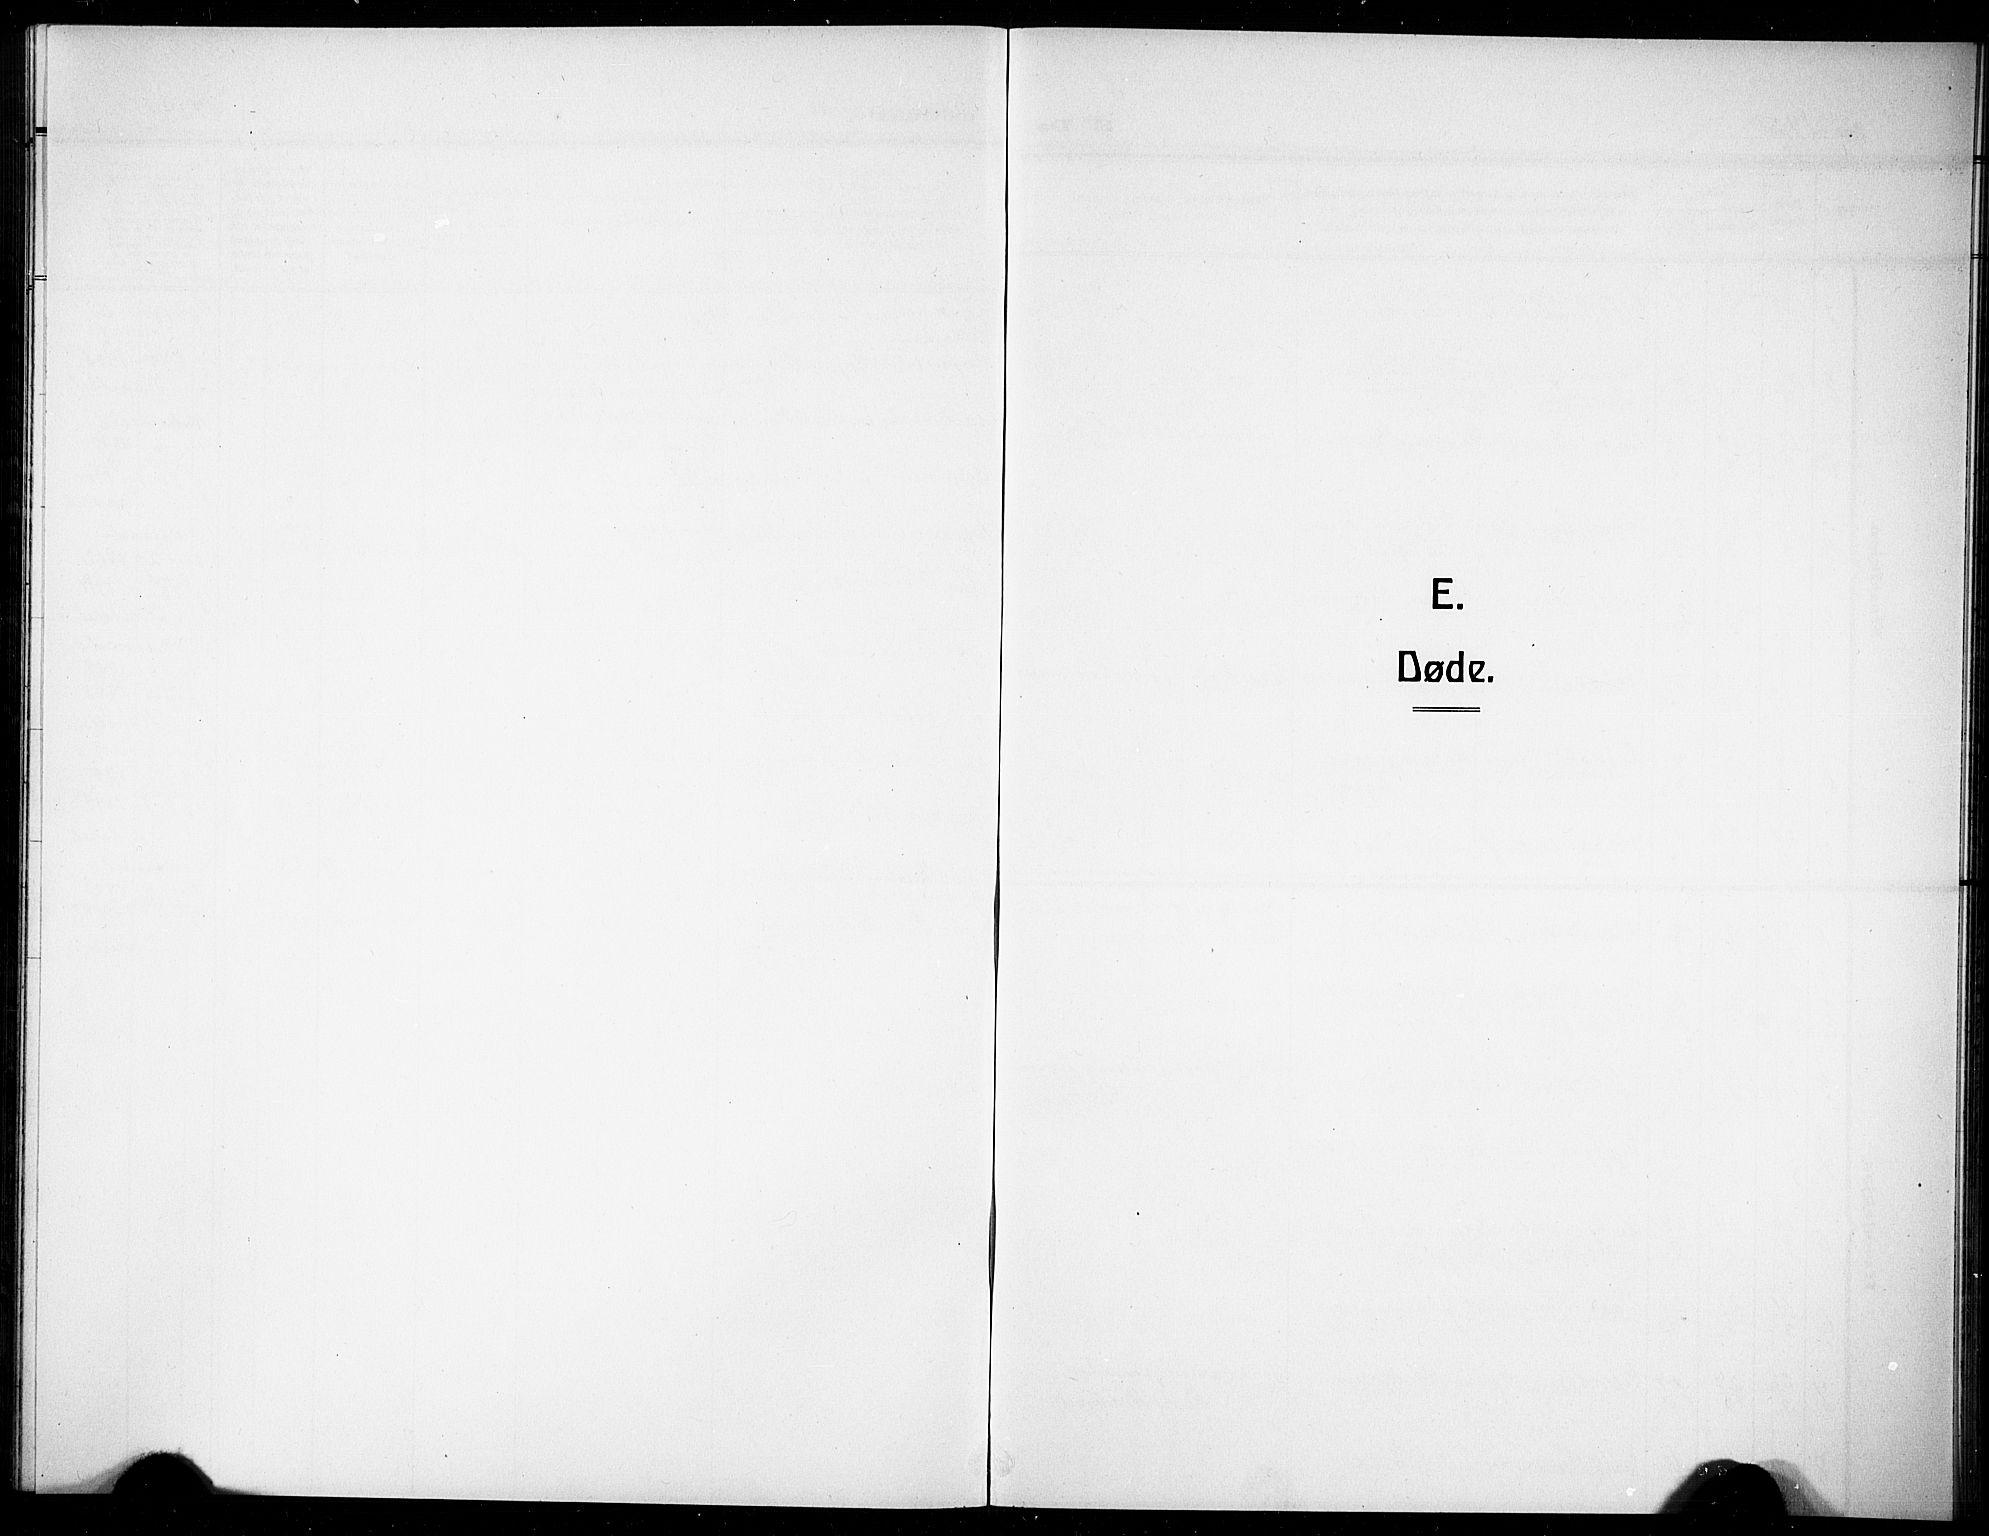 SAKO, Gjerpen kirkebøker, G/Gb/L0001: Klokkerbok nr. II 1, 1920-1929